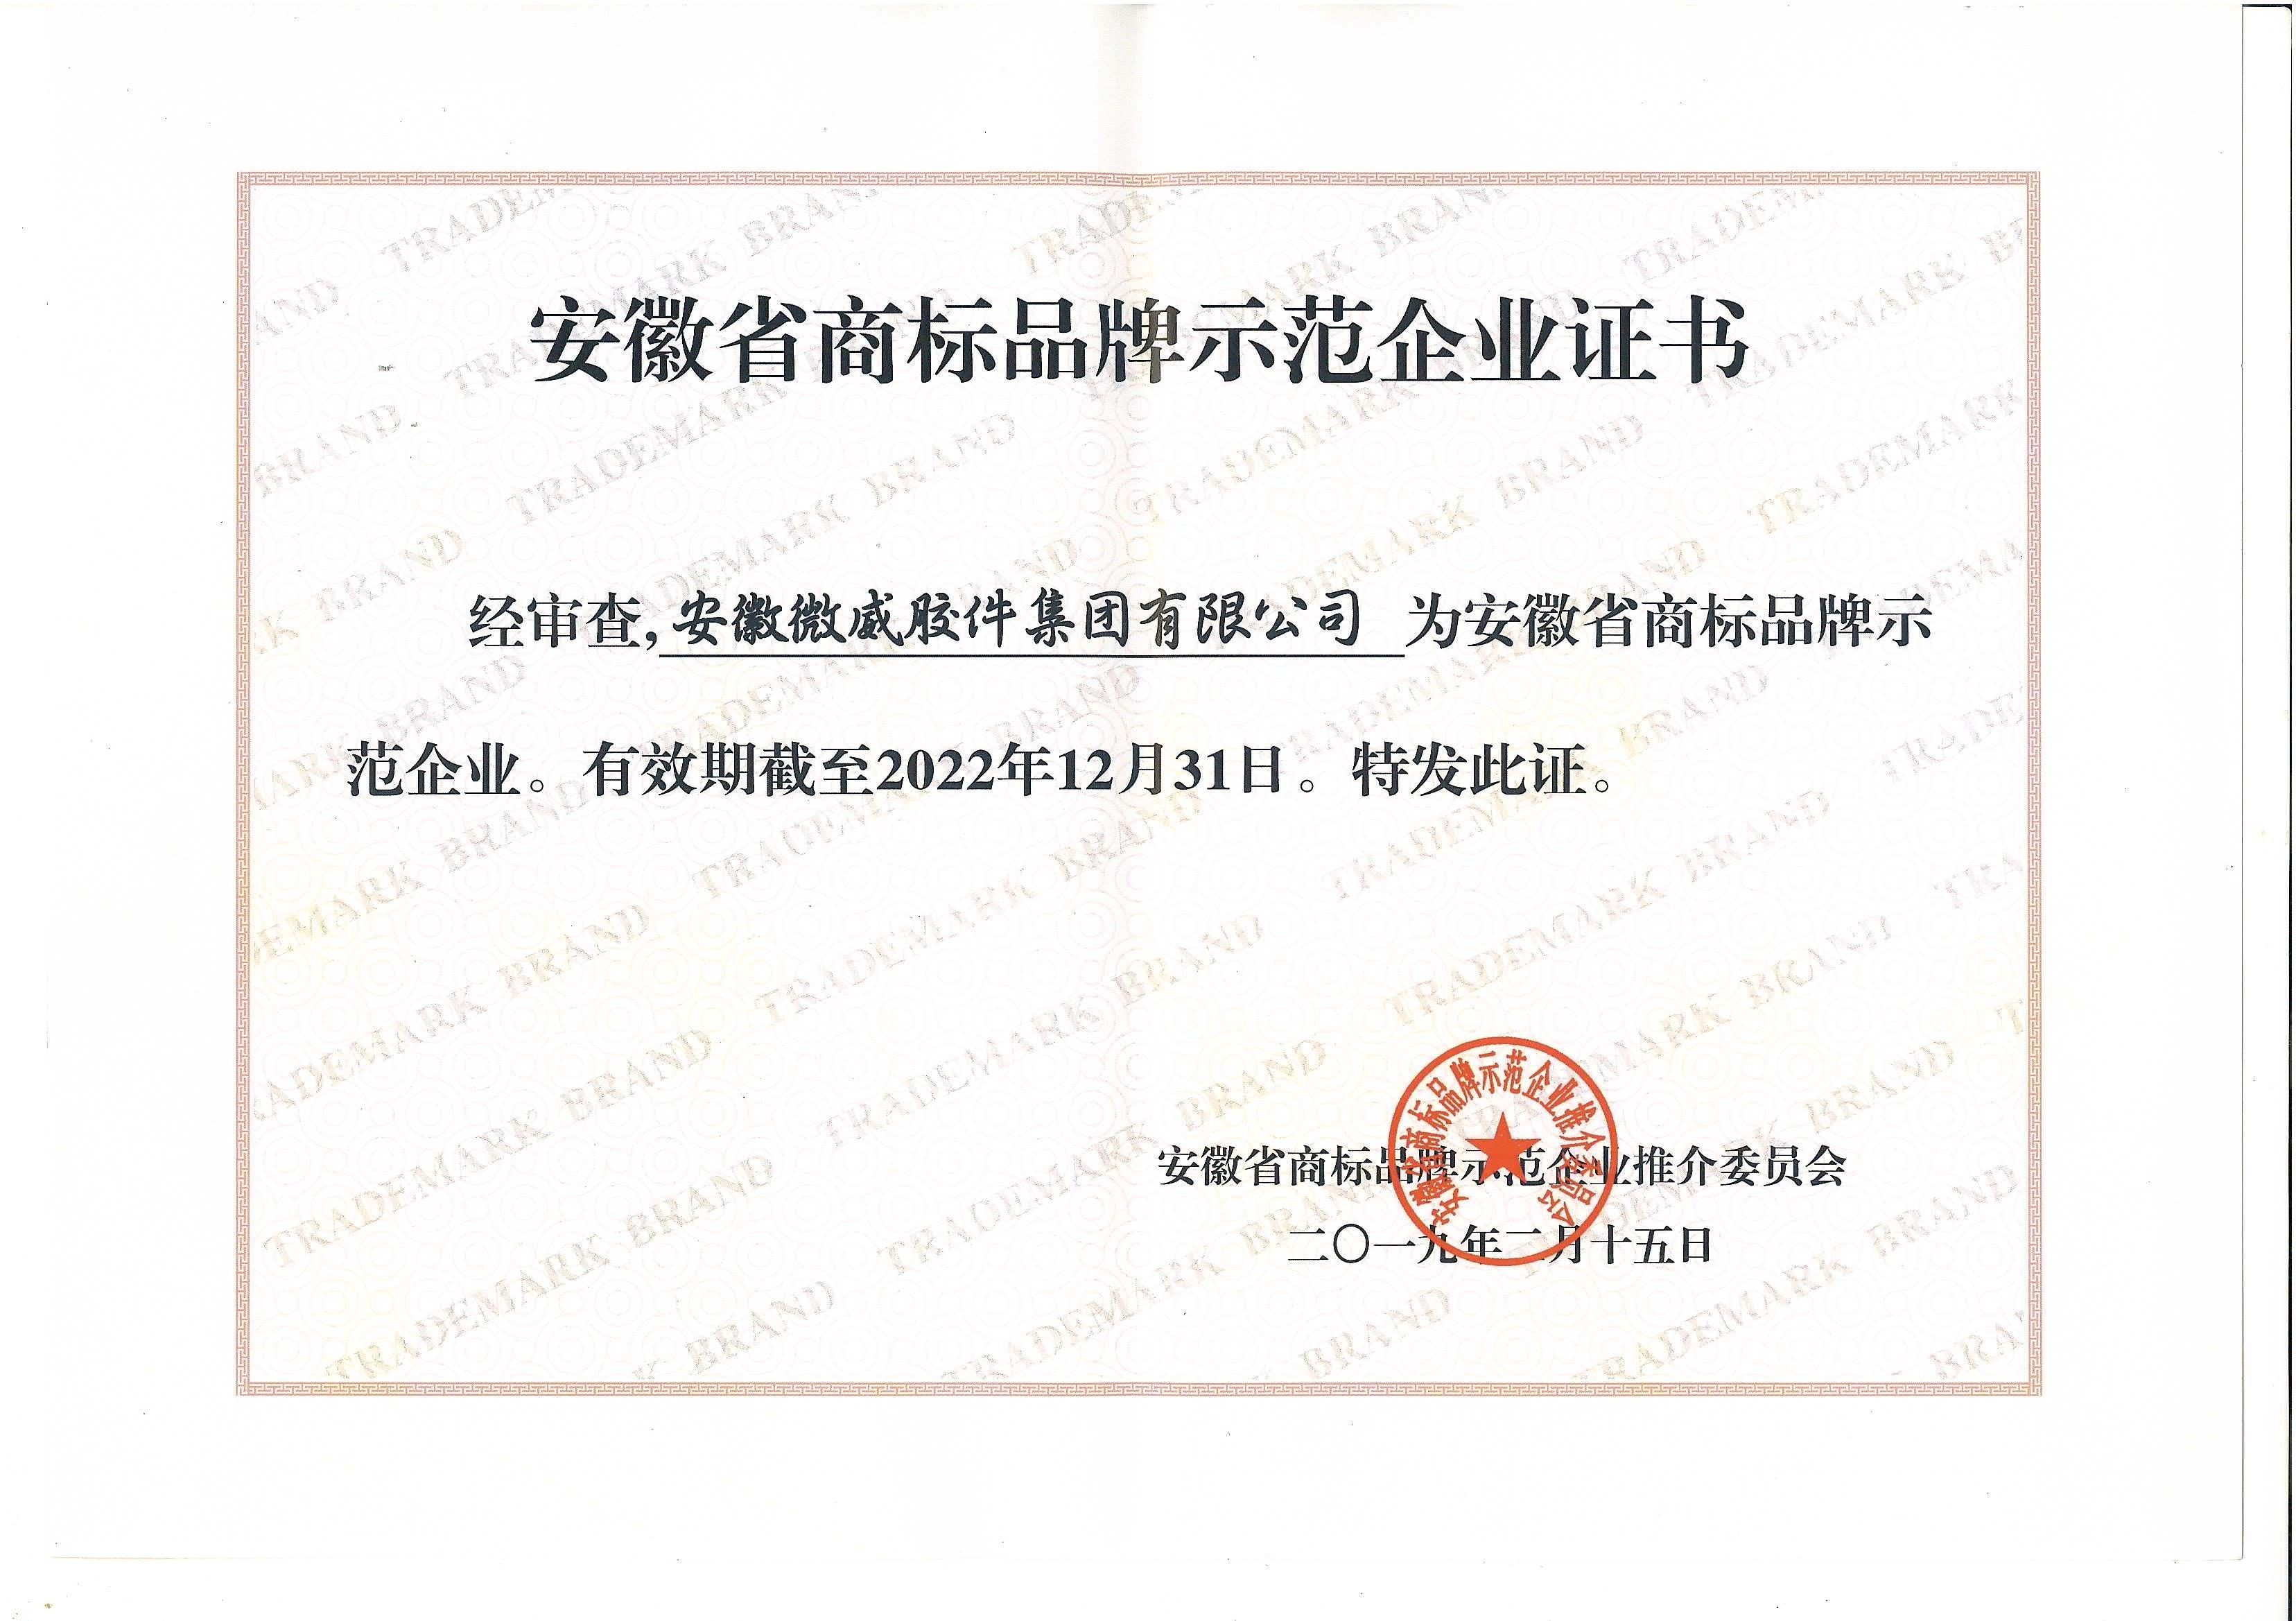 我司获得安徽省商标品牌示范企业荣誉称号(图1)